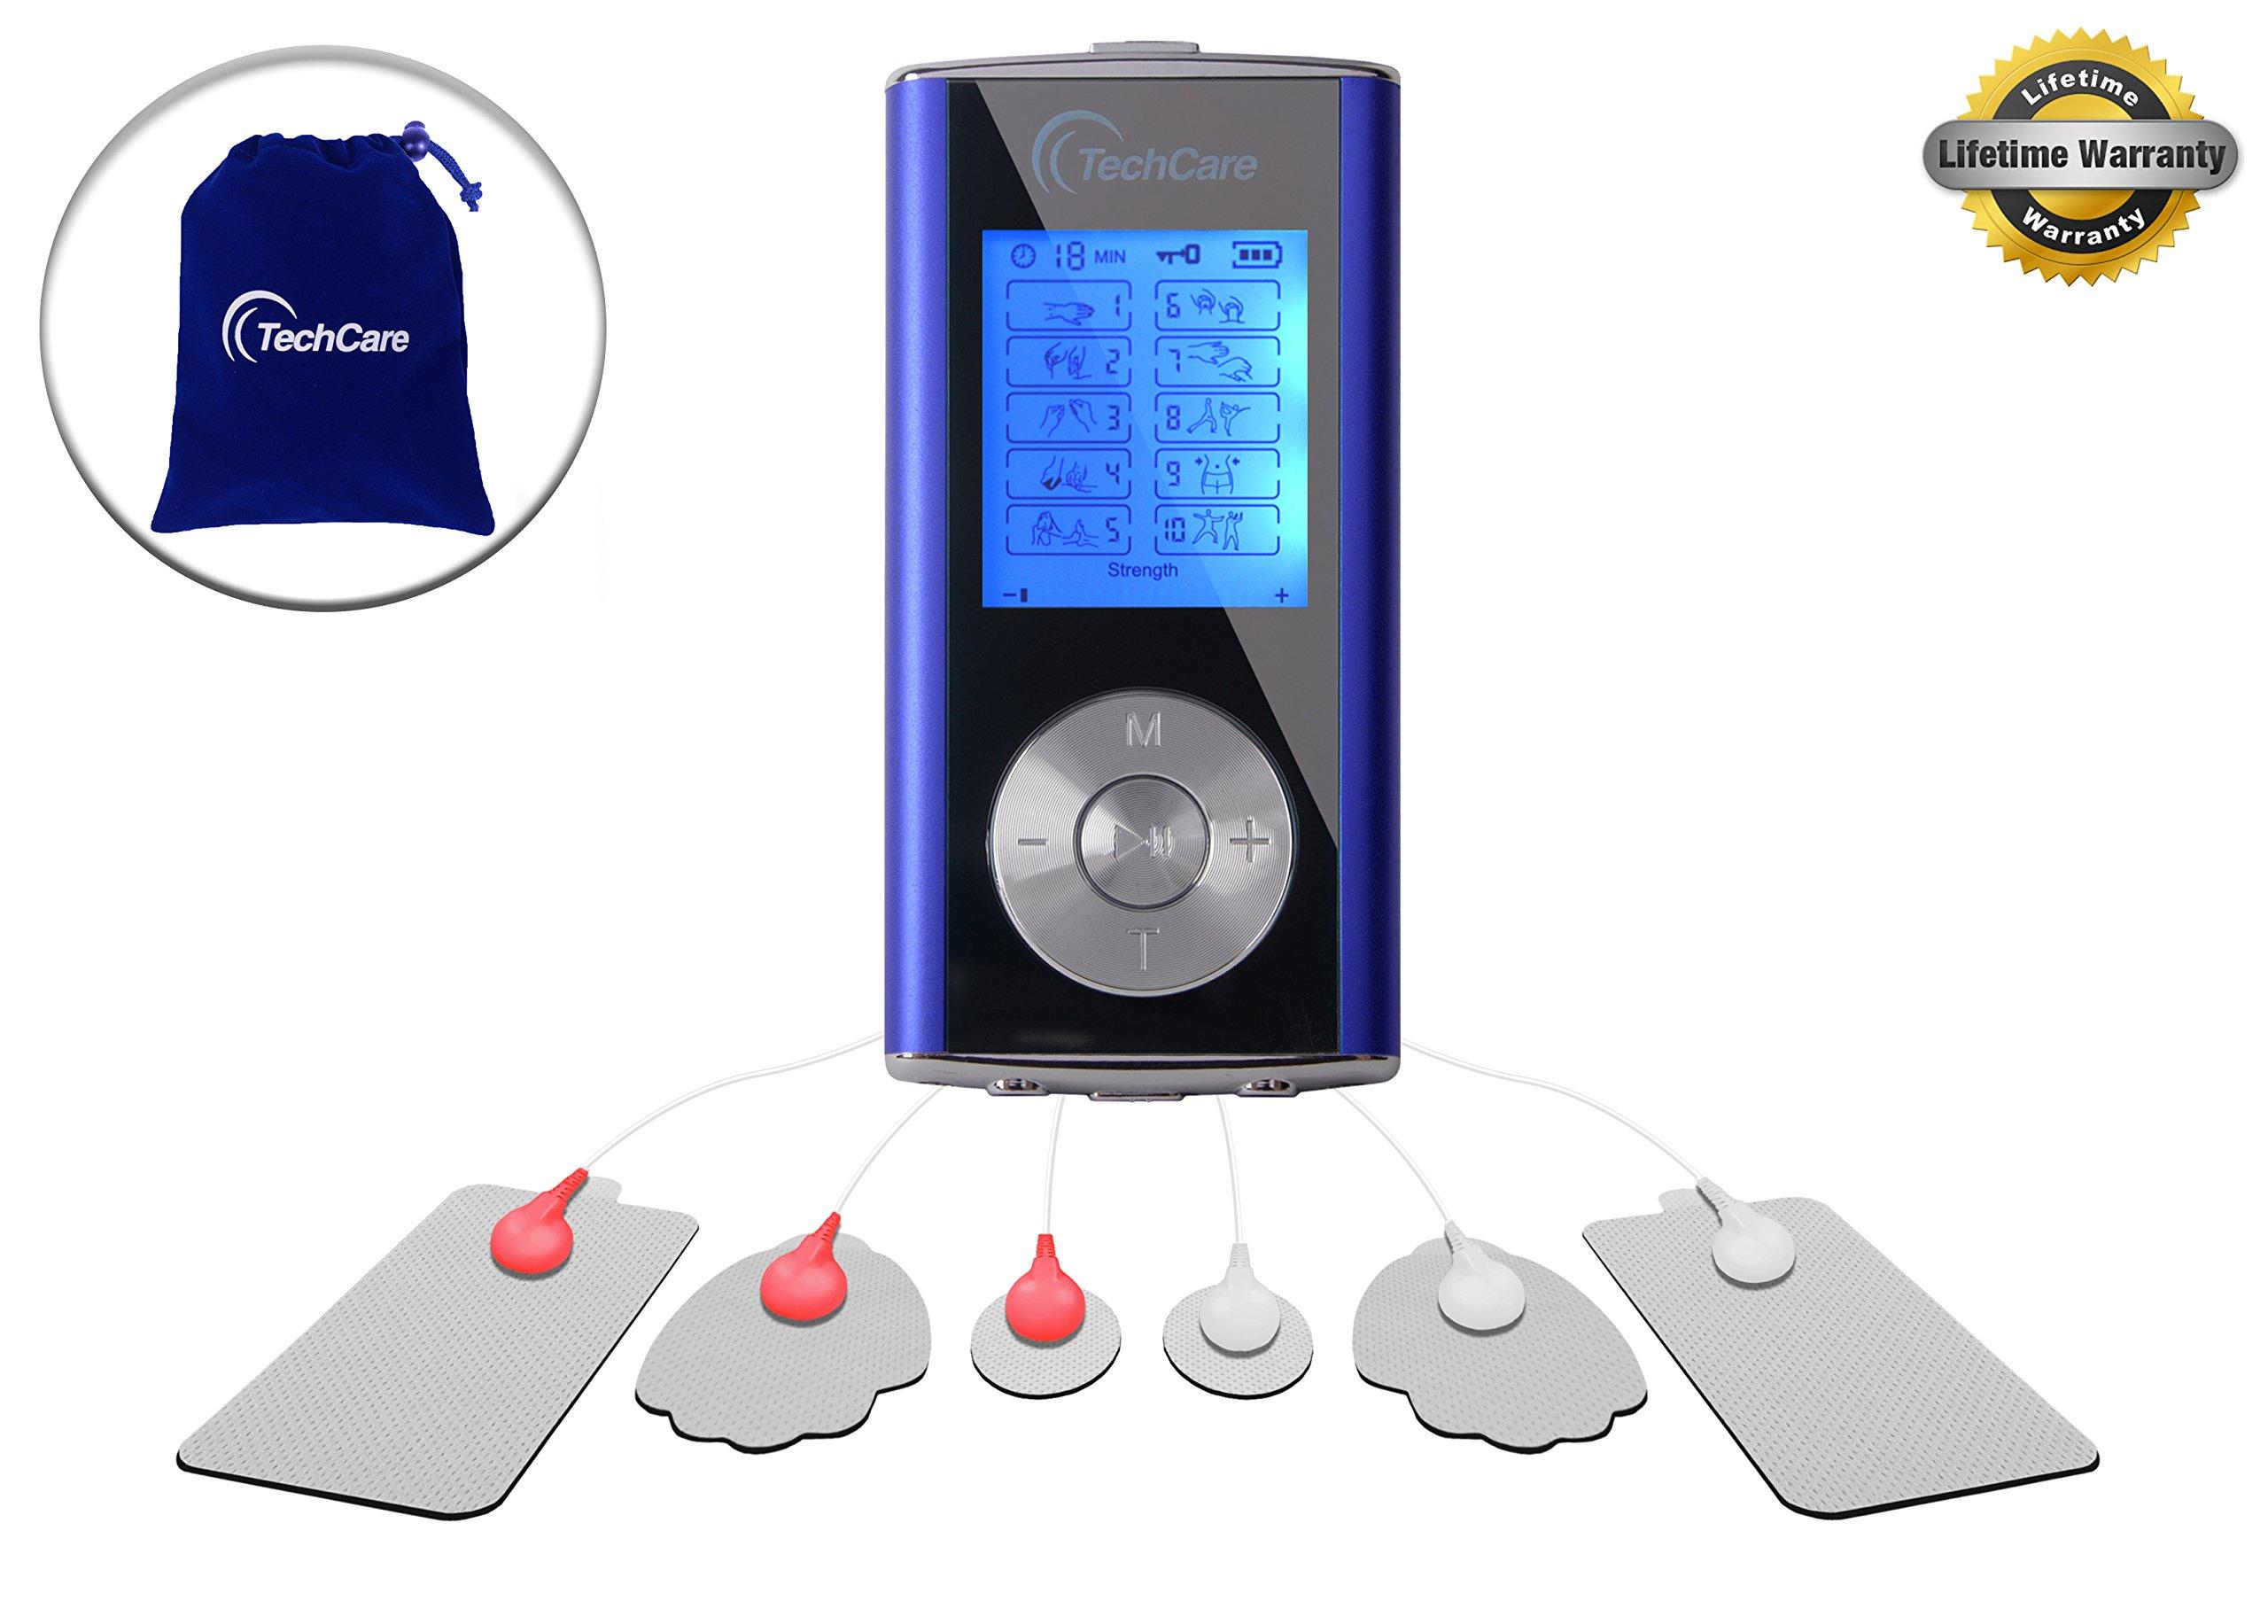 Purple TechCare Mini Massager Tens Unit Device Machine FDA 510k Cleared [Lifetime Warranty] Tens Machine for Drug Free Pain Management, Back Neck Shoulder Pain and Rehabilitation